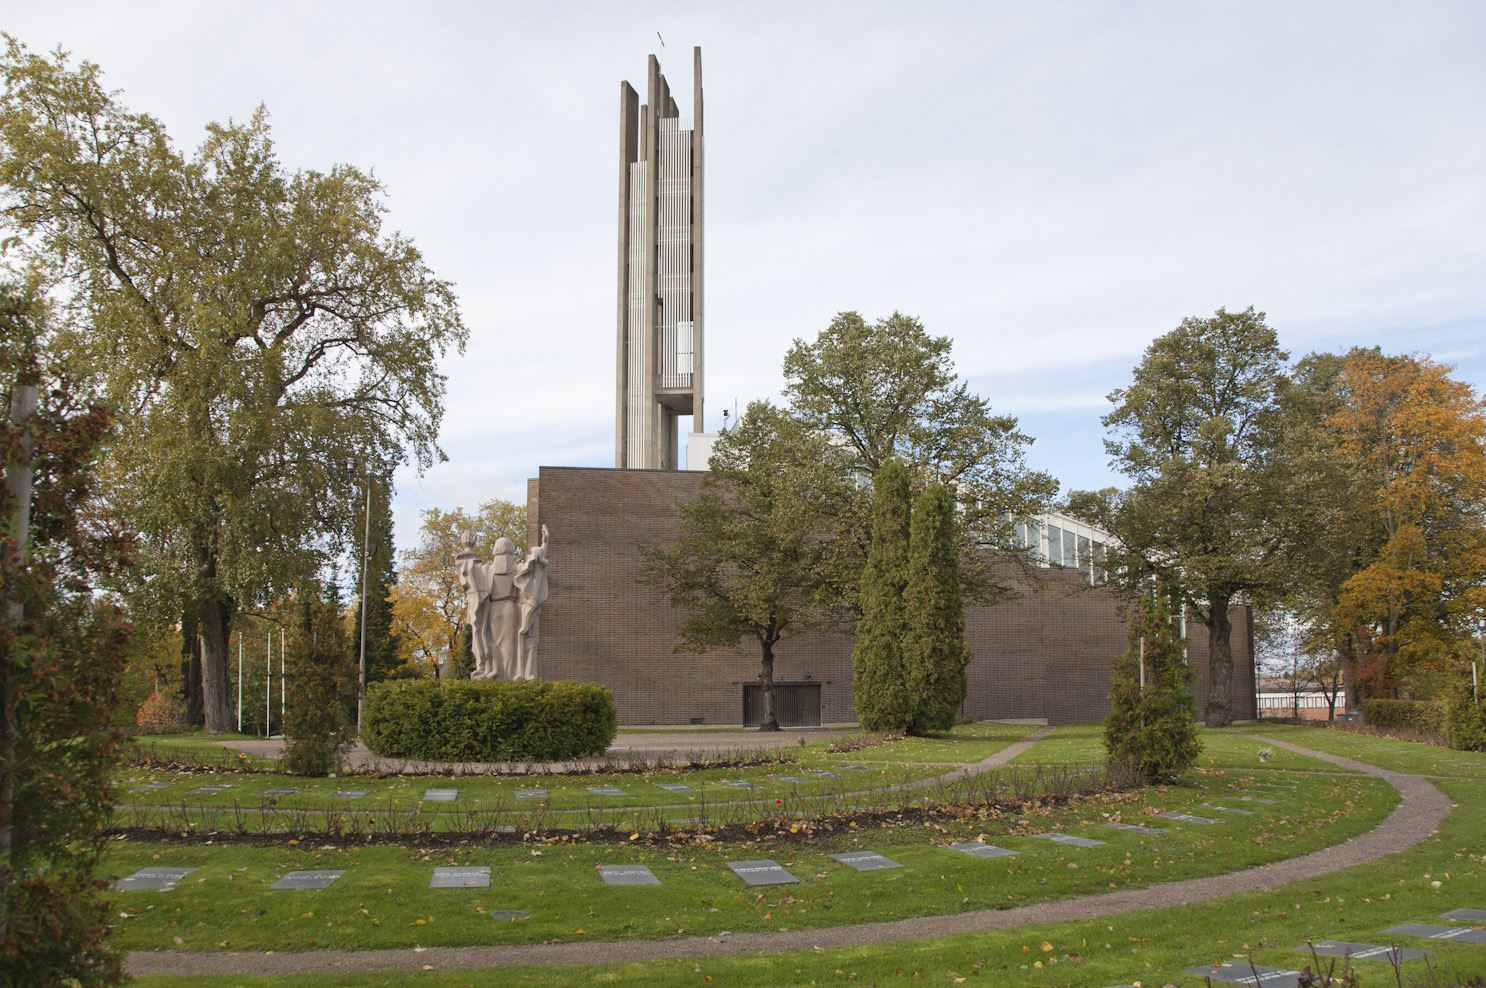 Architecture tours | Finnish Architecture in Lahti: Alvar Aalto and Eliel Saarinen